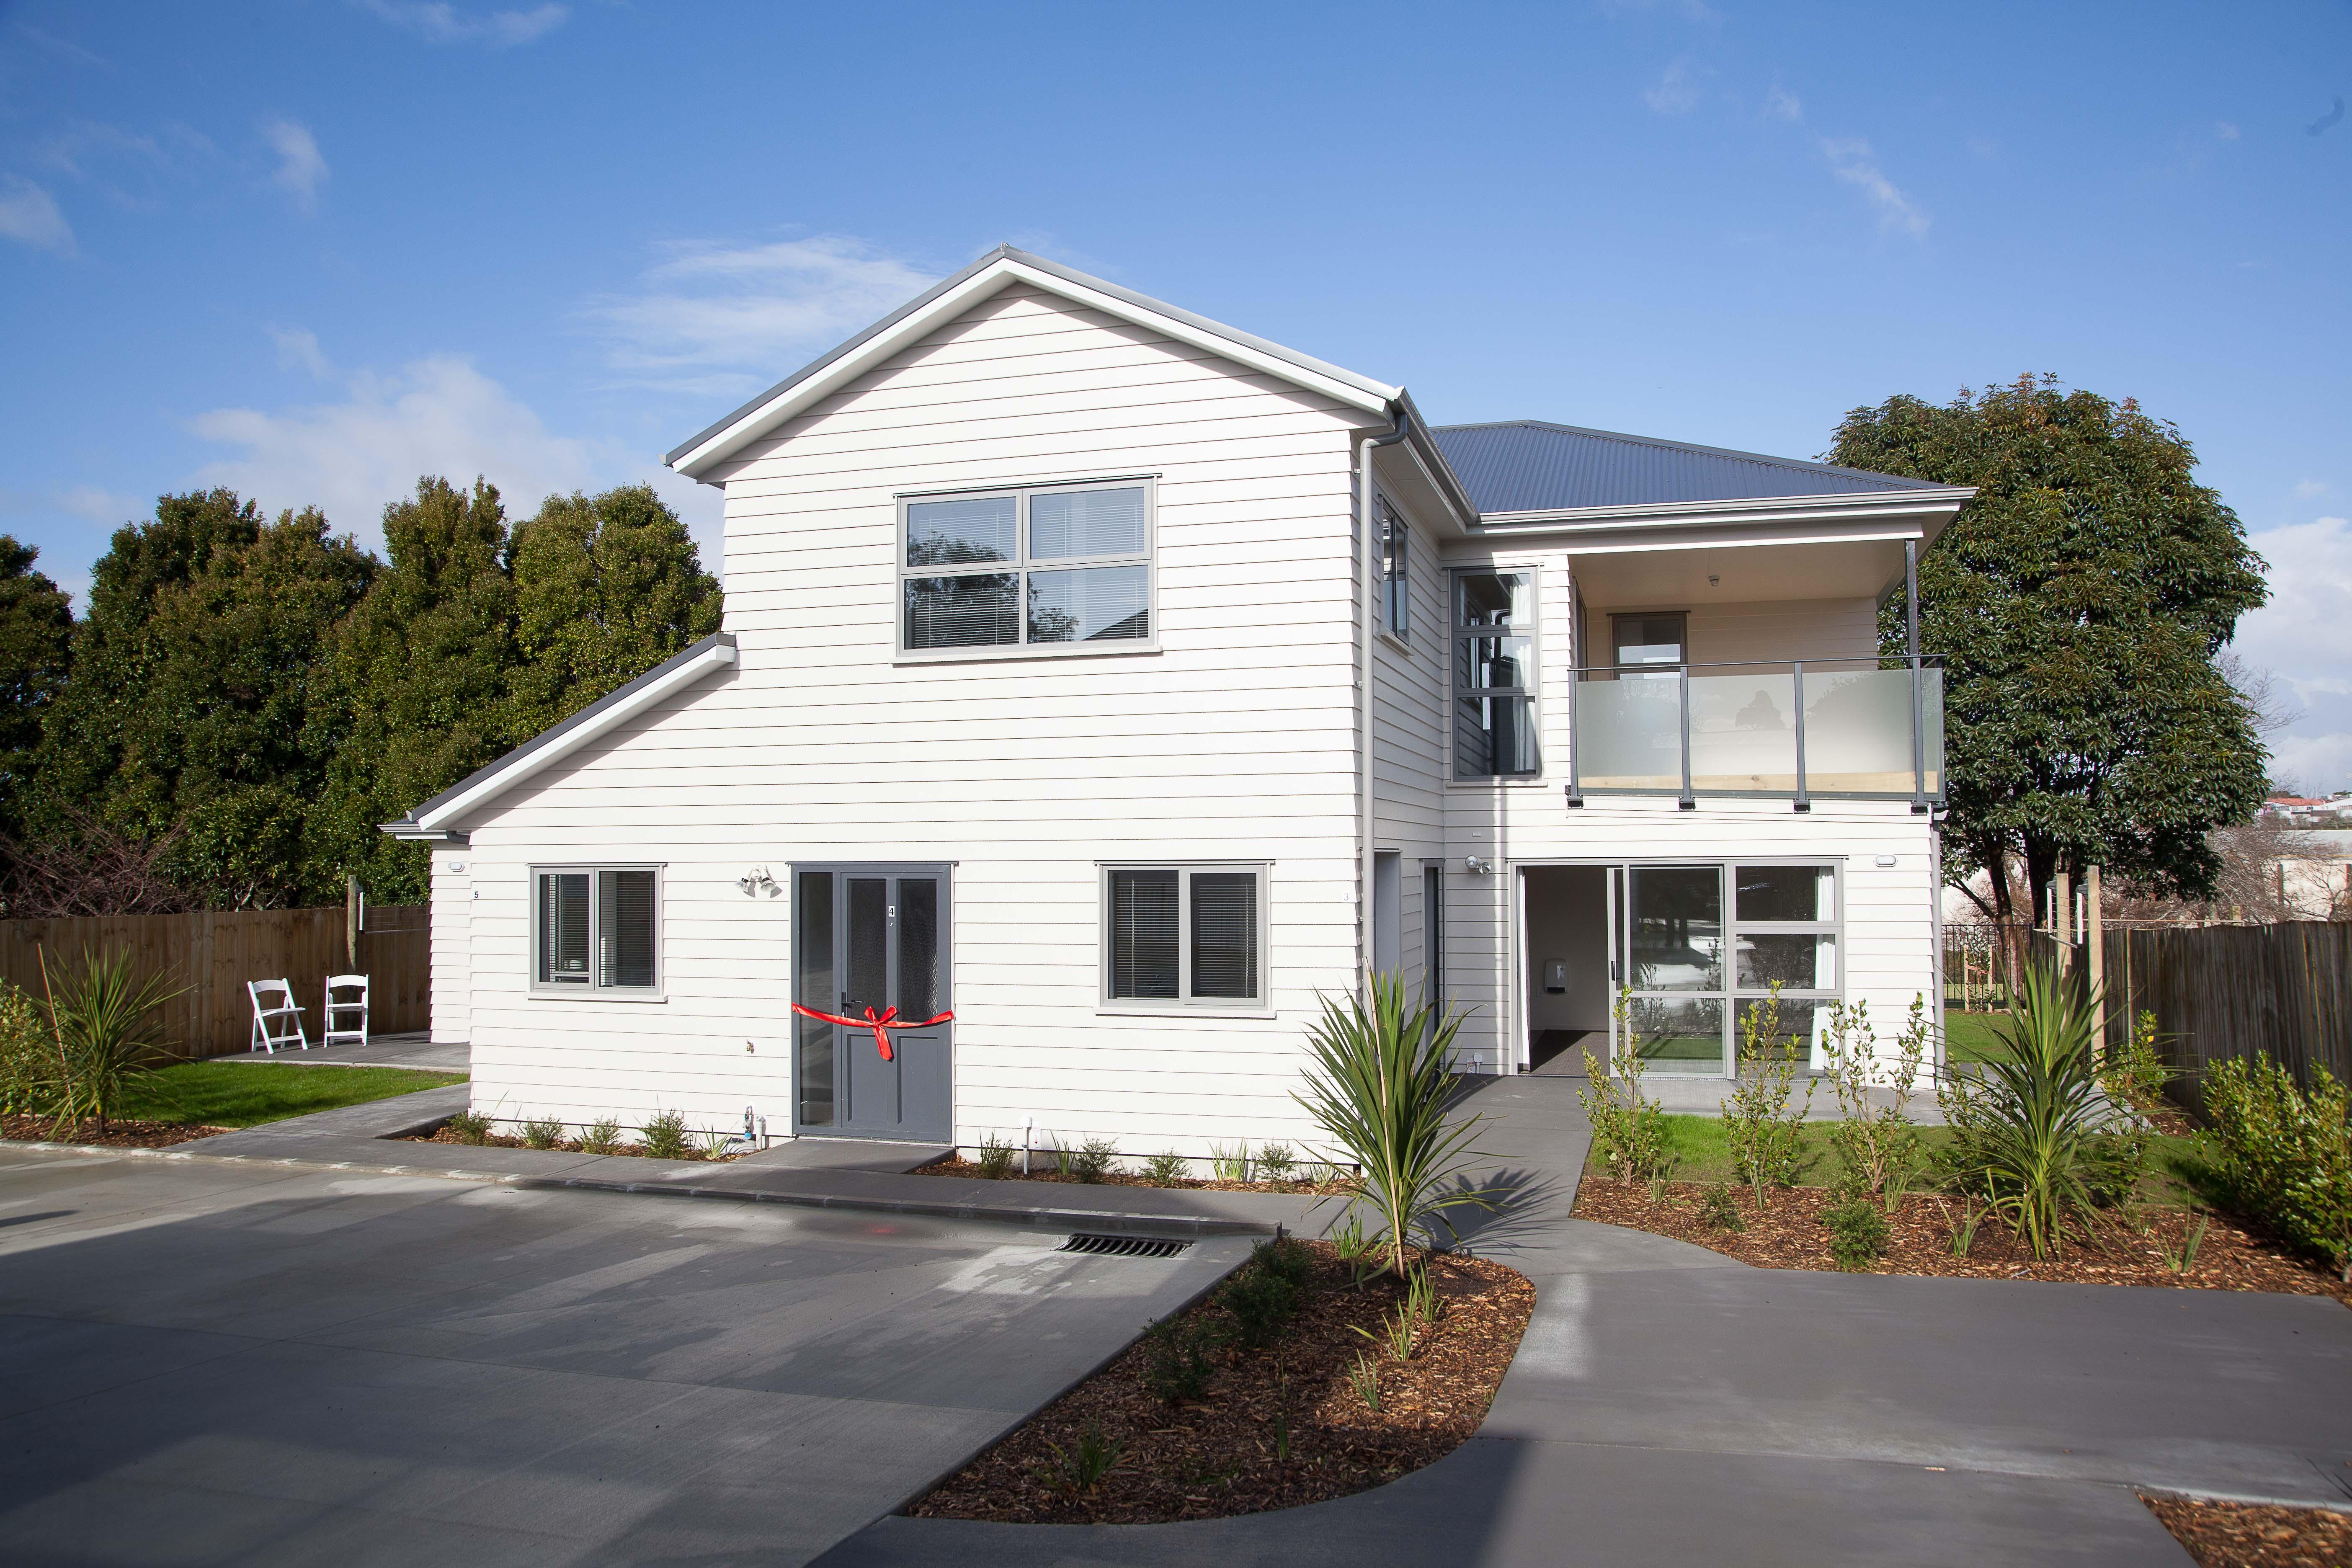 Glen Innes home